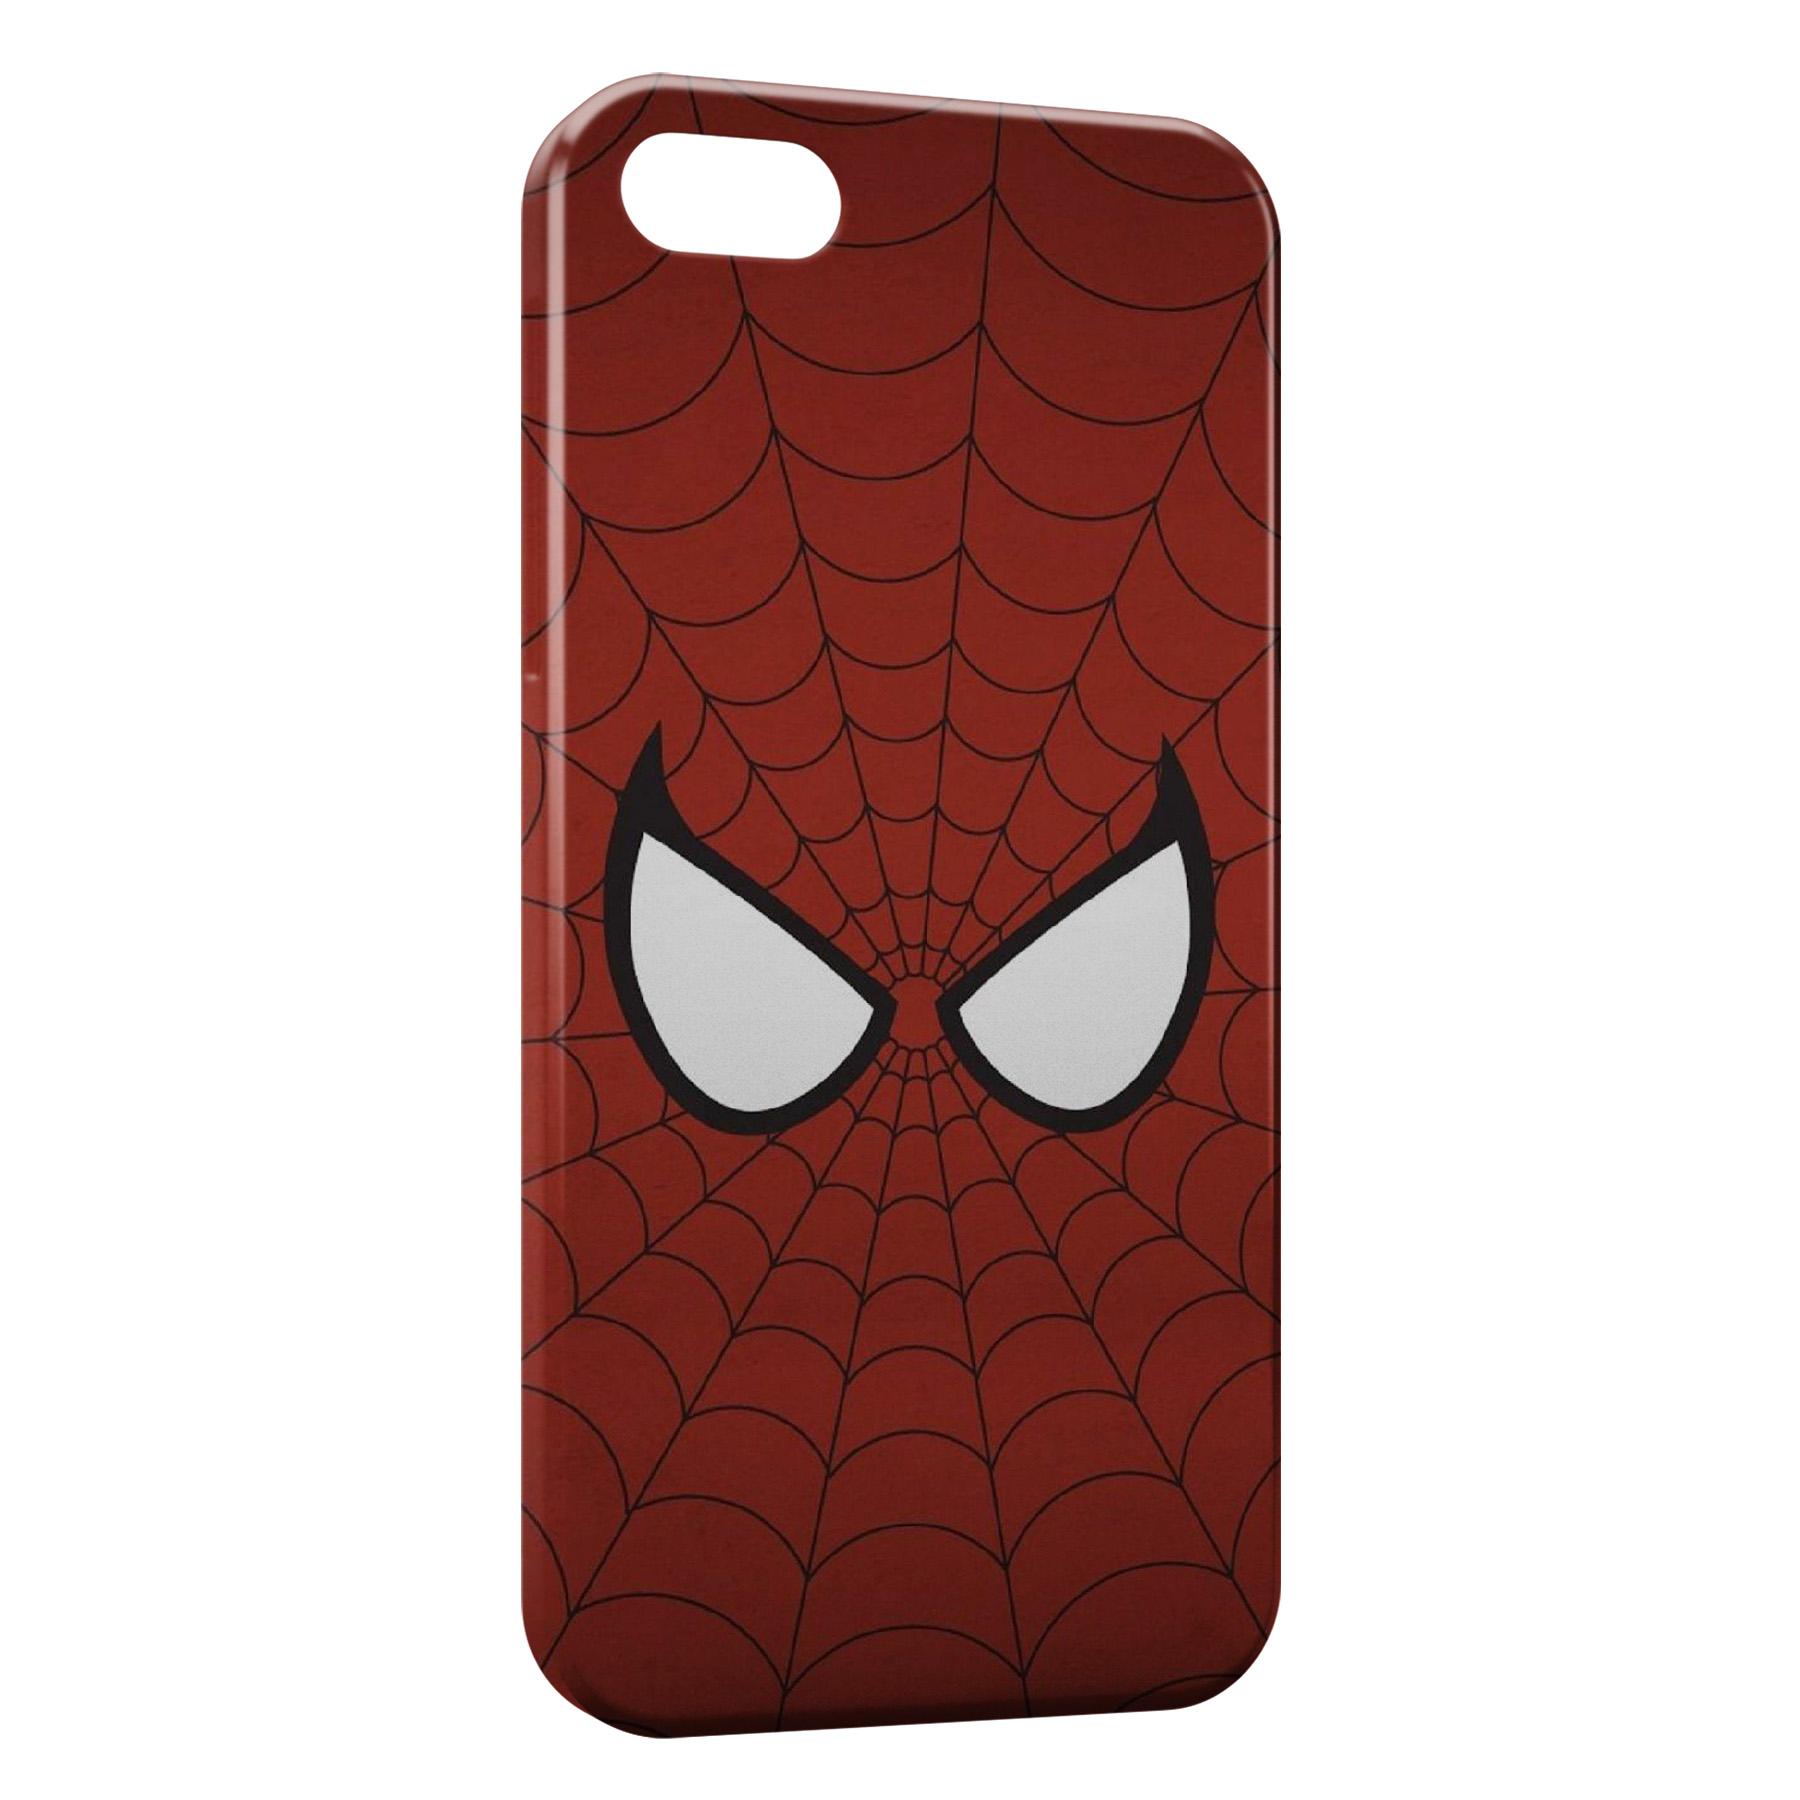 Coque iPhone 7 7 Plus Spiderman 22 Graphic